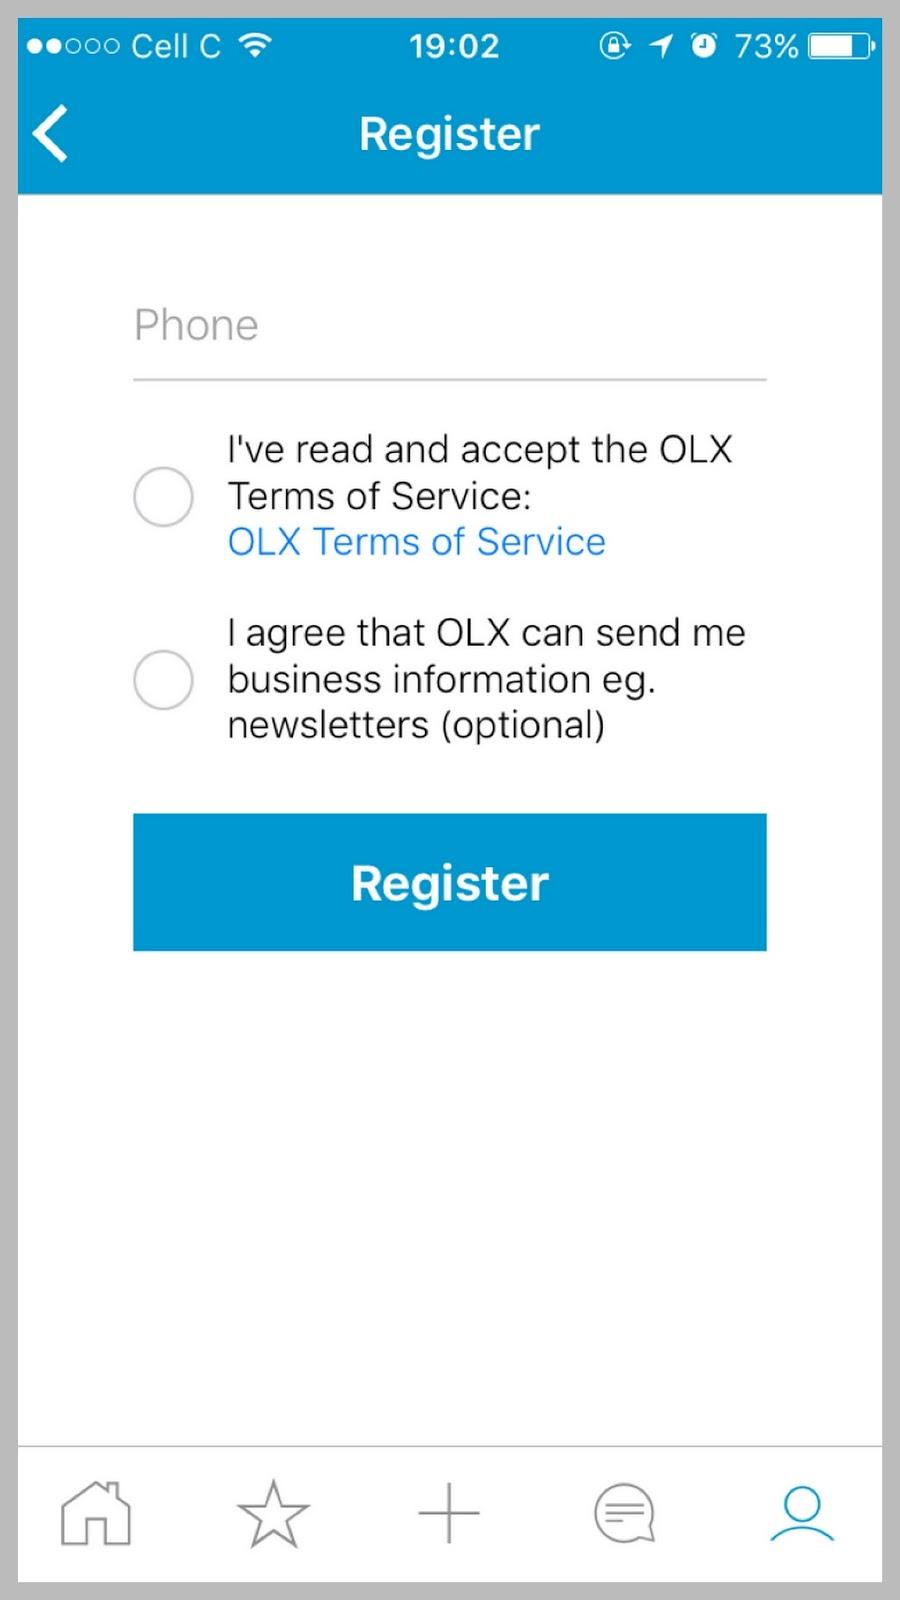 App Review The OLX App - Mr Lunga